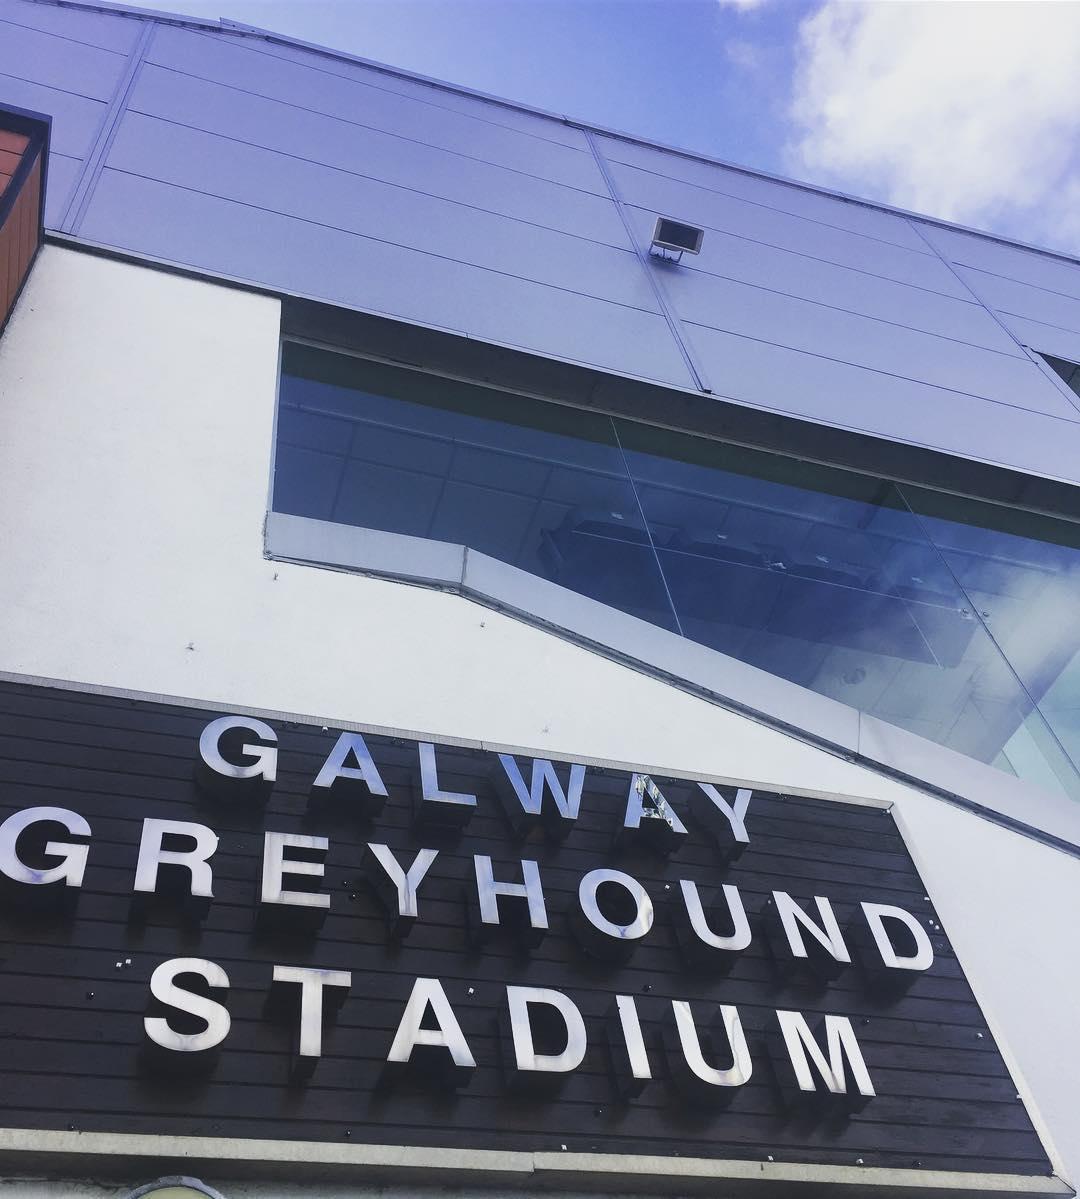 Dog Racing at Galway Greyhound Stadium - Visit Galway